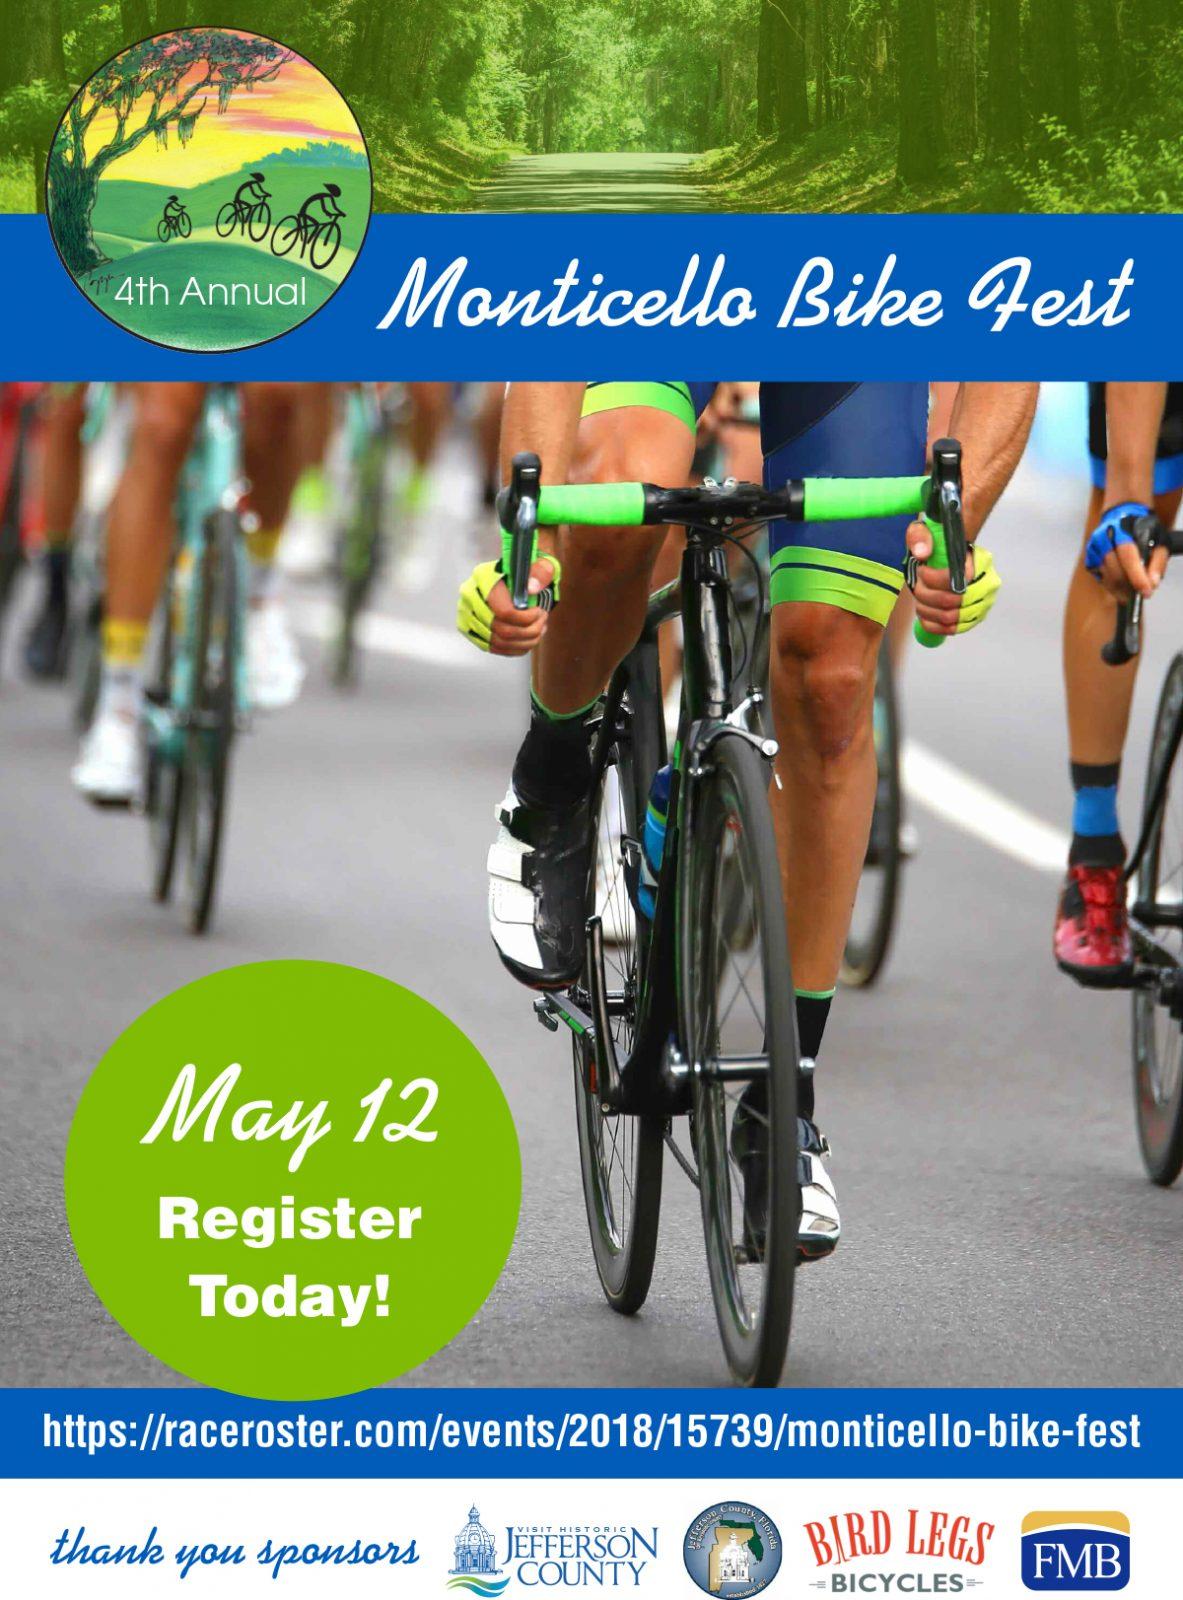 Monticello Bike Fest